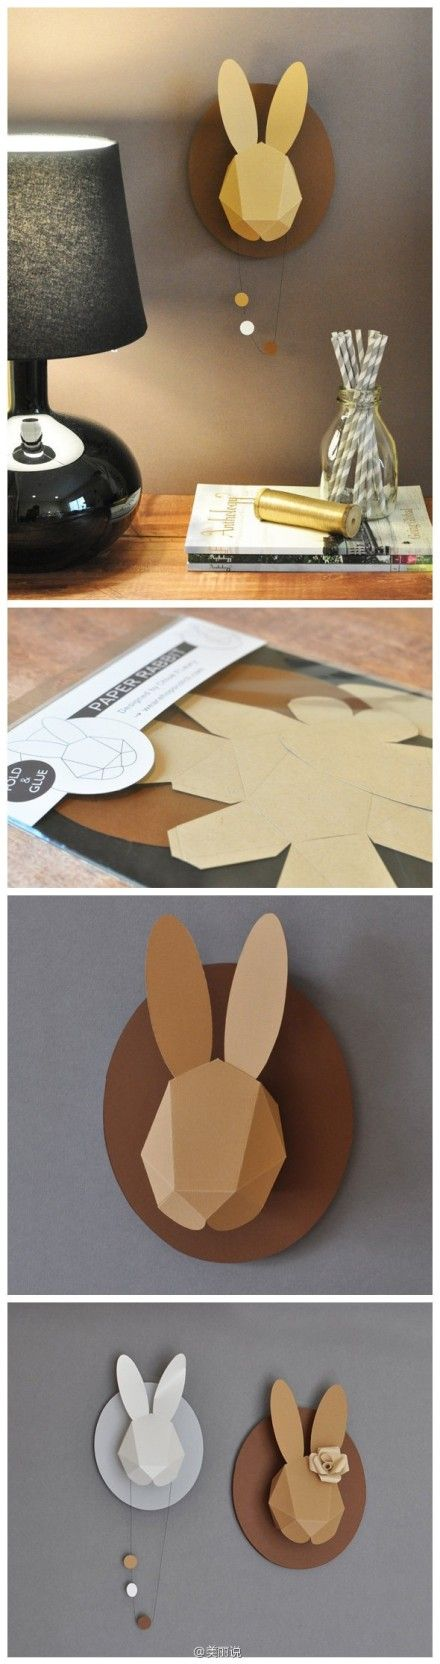 由法国艺术家Chloe Fleury设计的墙壁挂件,一个跃然纸上的立体小兔子就是这样制作而成的,只需几张纸和胶水就ok啦!(分享自美丽说杂志【杜小杜灵感簿】>>> )